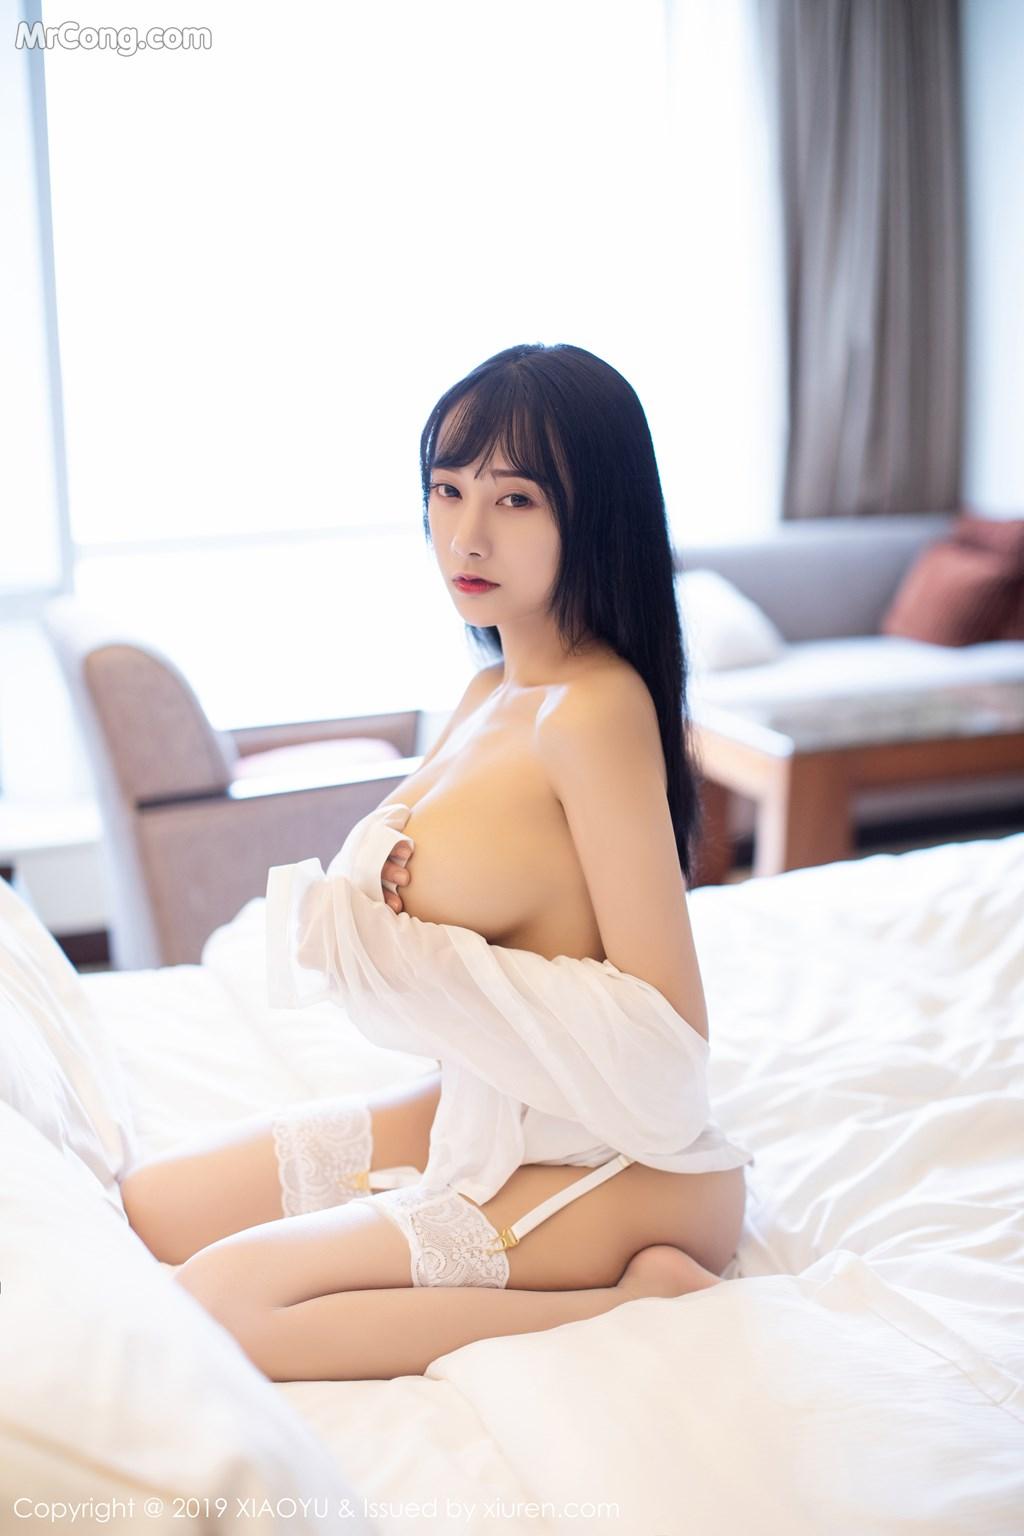 Image XiaoYu-Vol.076-He-Jia-Ying-MrCong.com-067 in post XiaoYu Vol.076: He Jia Ying (何嘉颖) (72 ảnh)